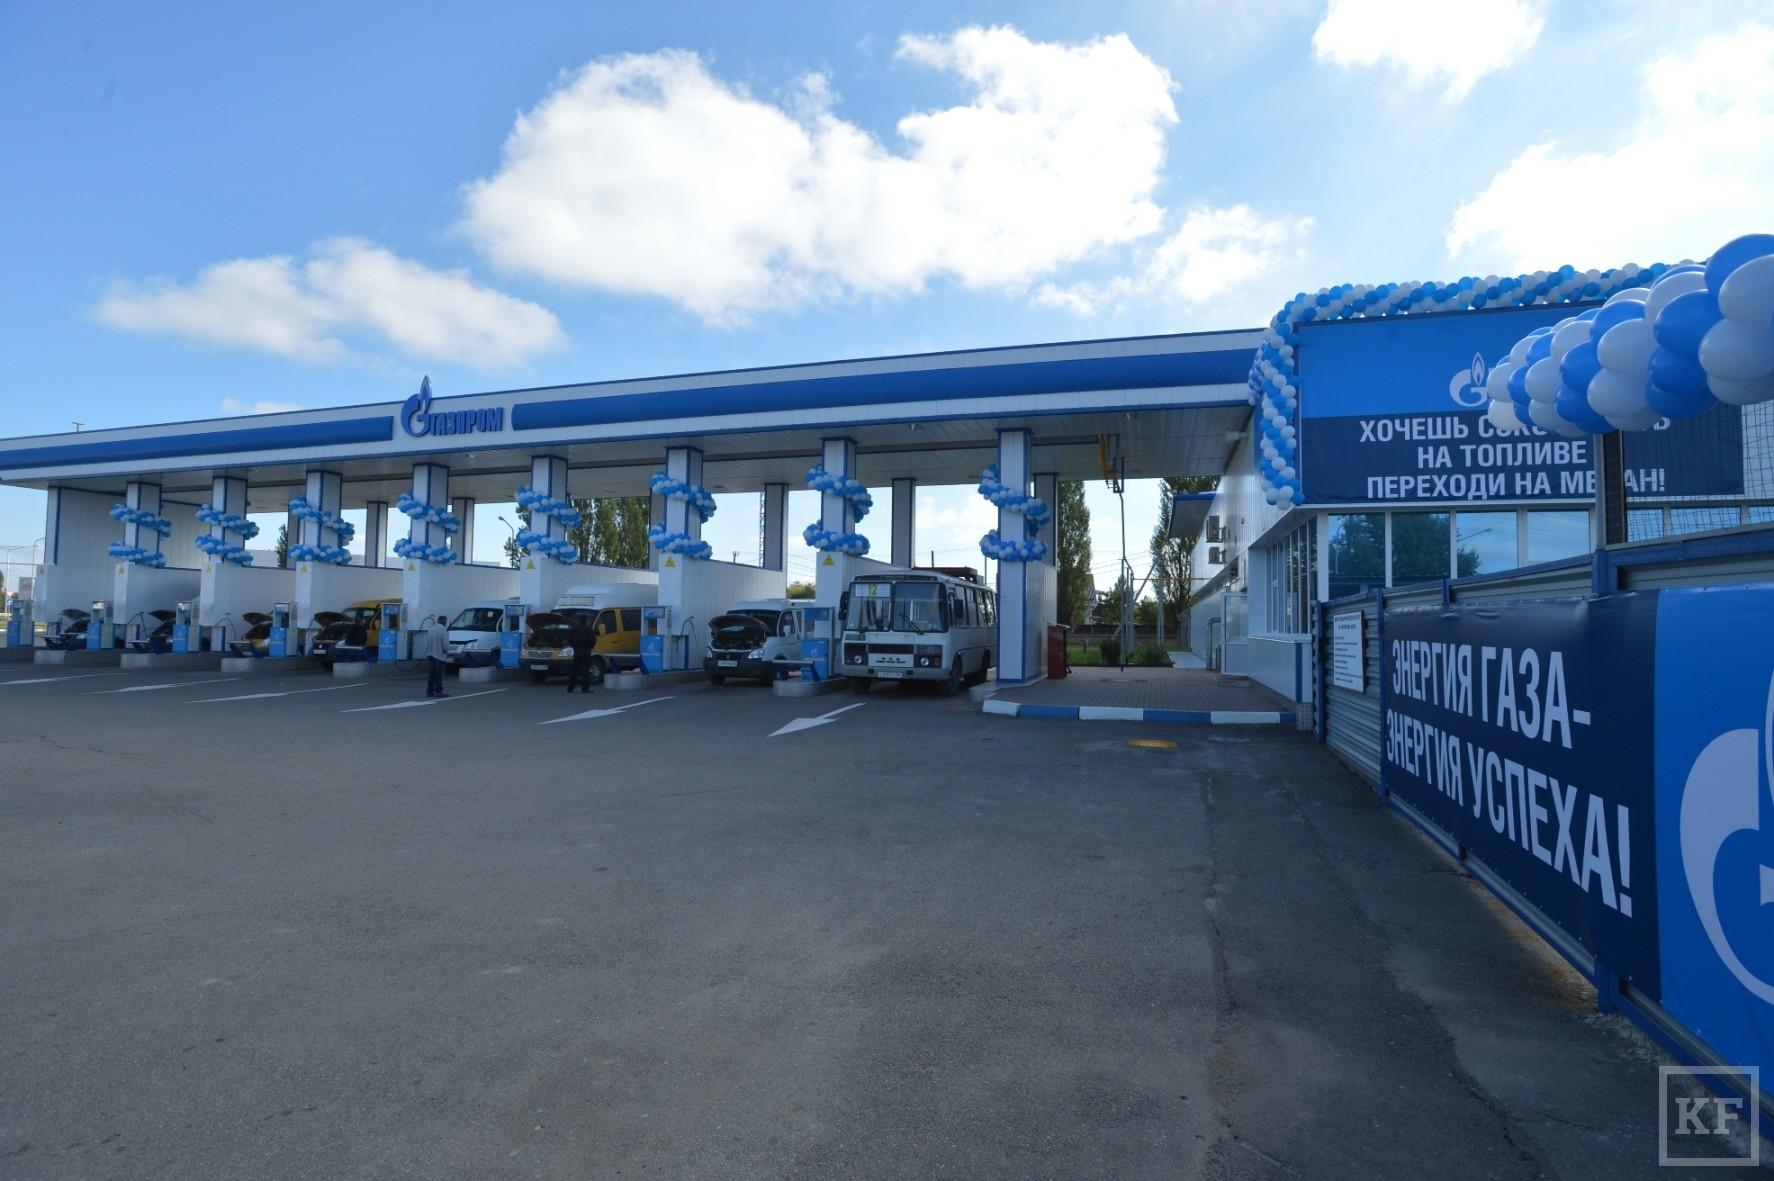 Совместное предприятие «Даймлер Камаз» приостановило выпуск газомоторных грузовиков. Для них недостаточно заправок